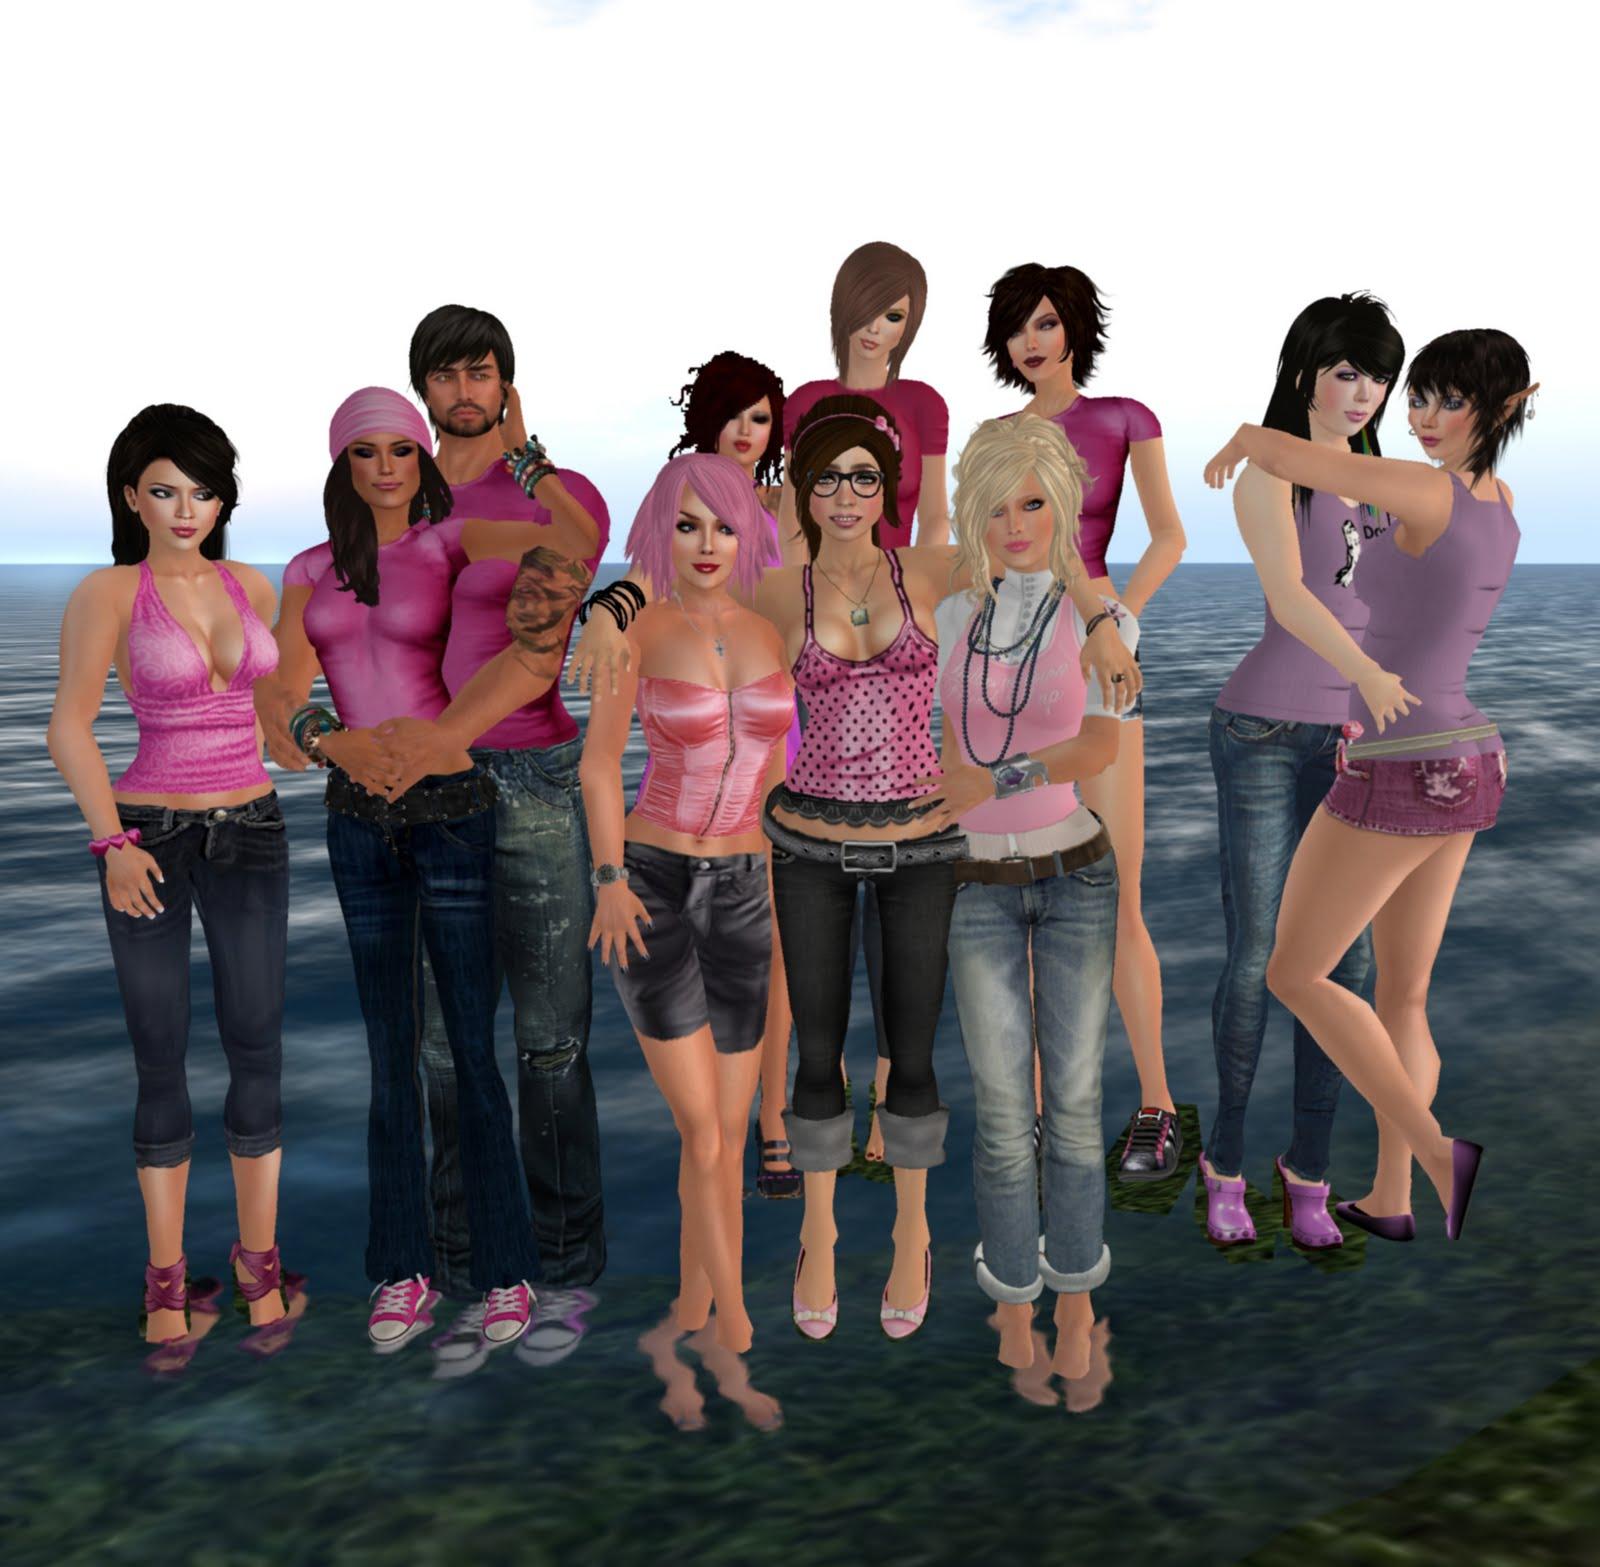 http://1.bp.blogspot.com/_1zBsEWsQQAM/S8YB8rlGDRI/AAAAAAAADHg/_3g8OfWSfpY/s1600/pink+shirts.jpg